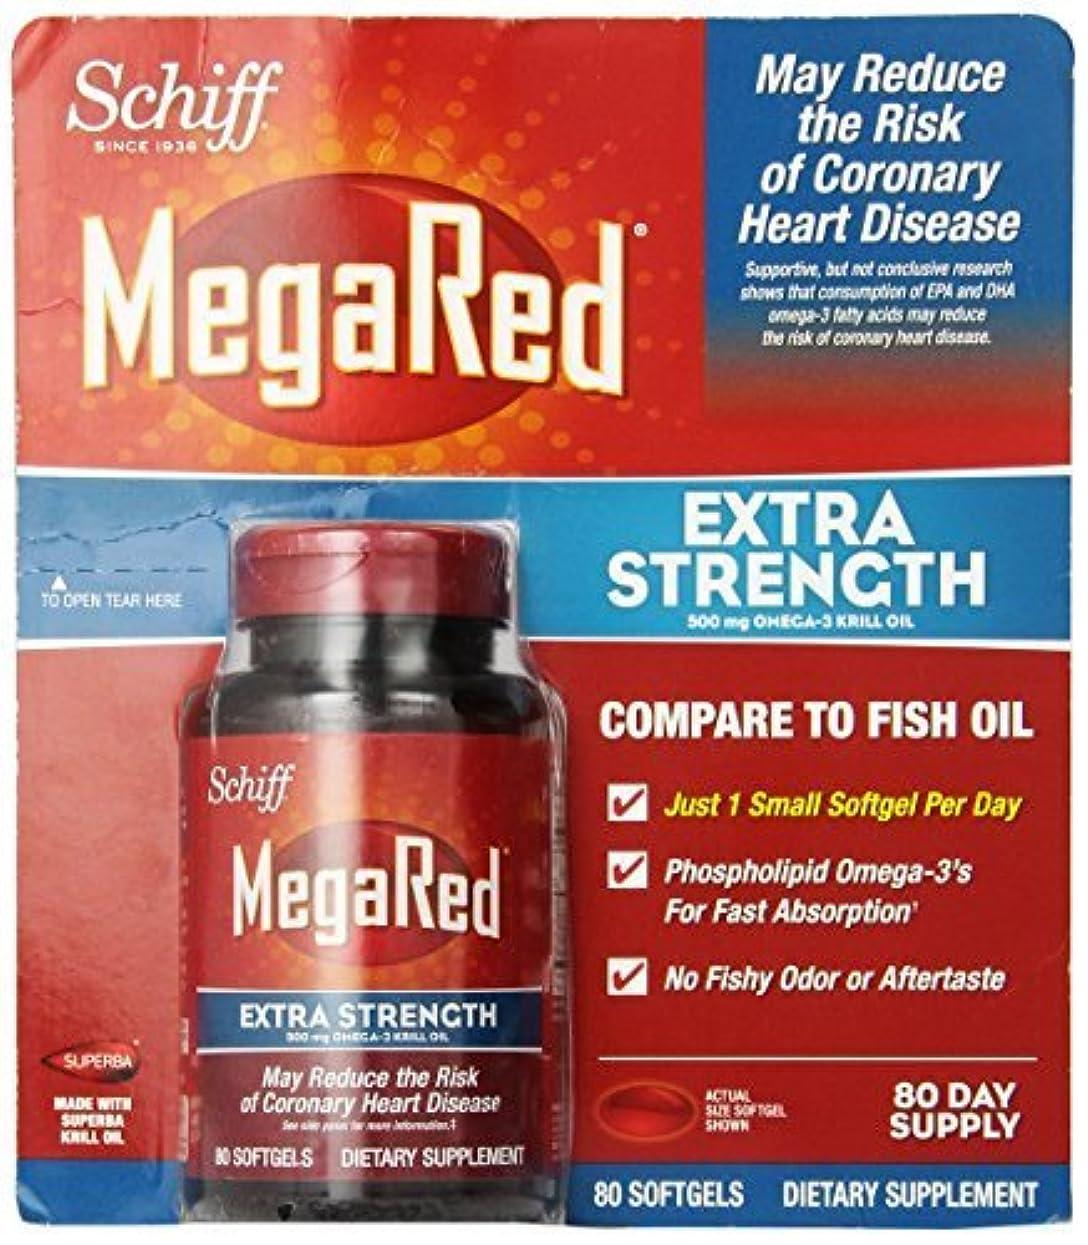 感情宇宙の豊富Schiff MegaRed Extra Strength 500mg Omega 3 Krill Oil Softgel, (80 ct) by Megared [並行輸入品]